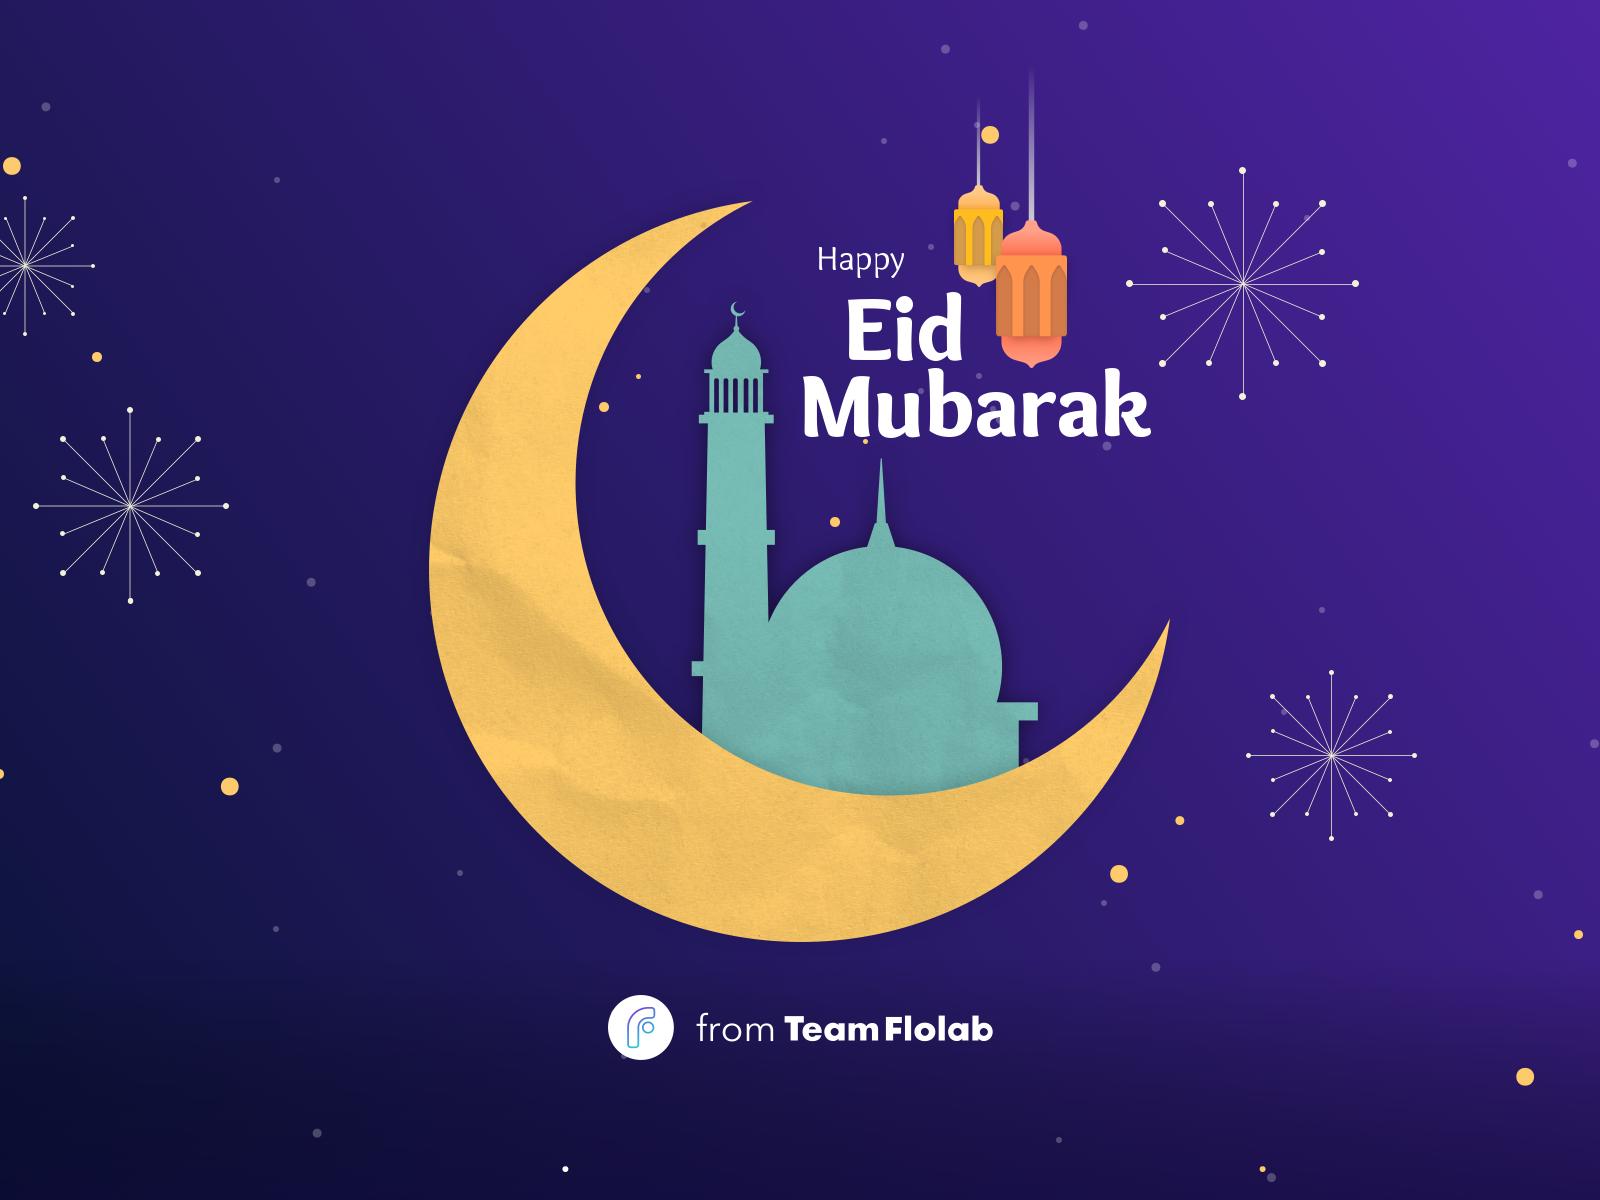 happy eid mubarak 2020flolab on dribbble